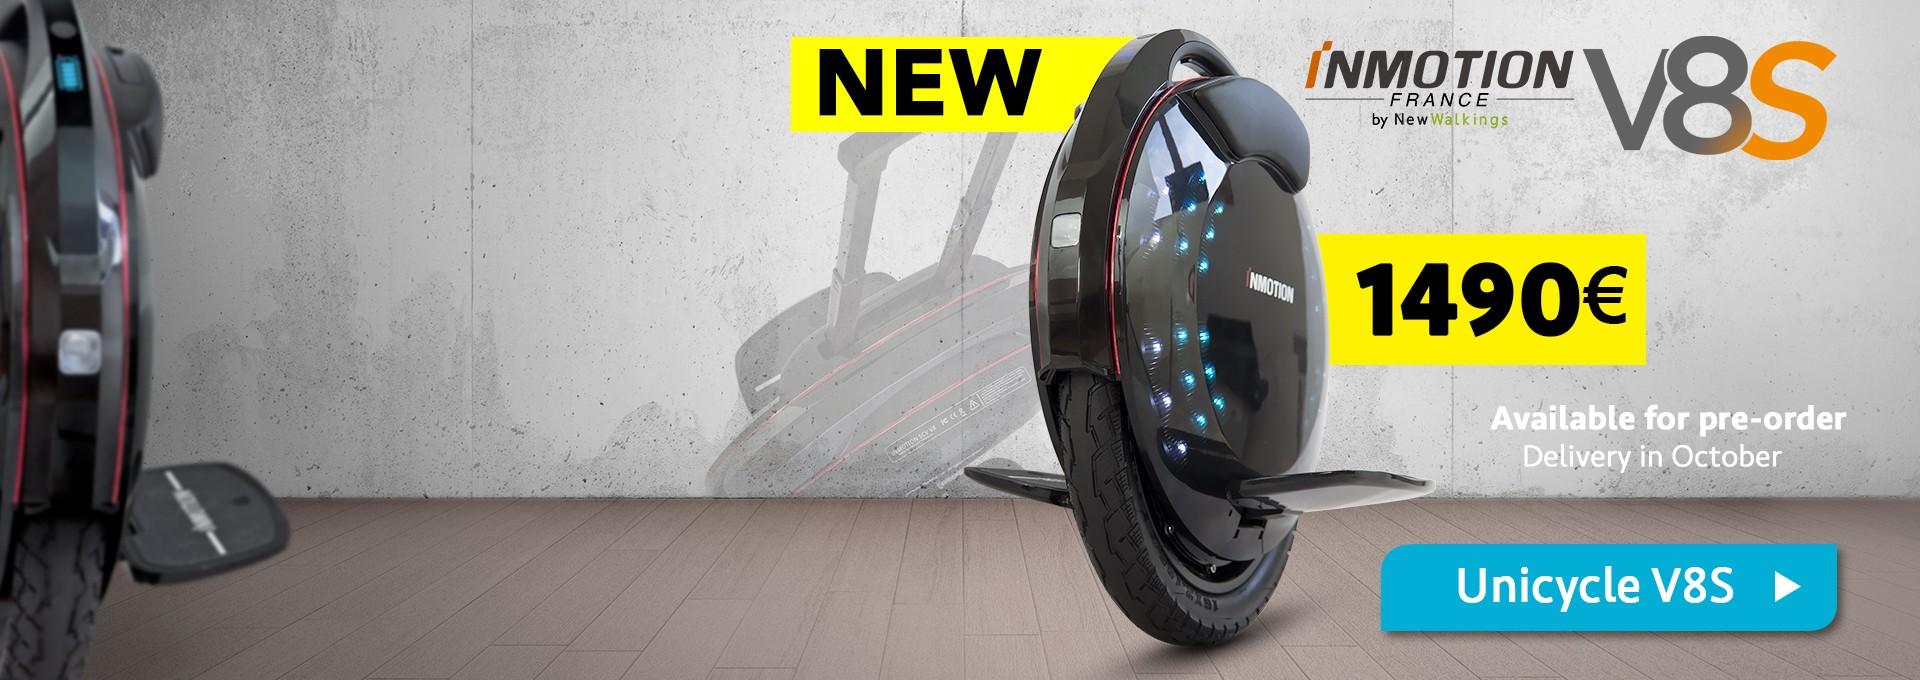 Newest Inmotion V8S